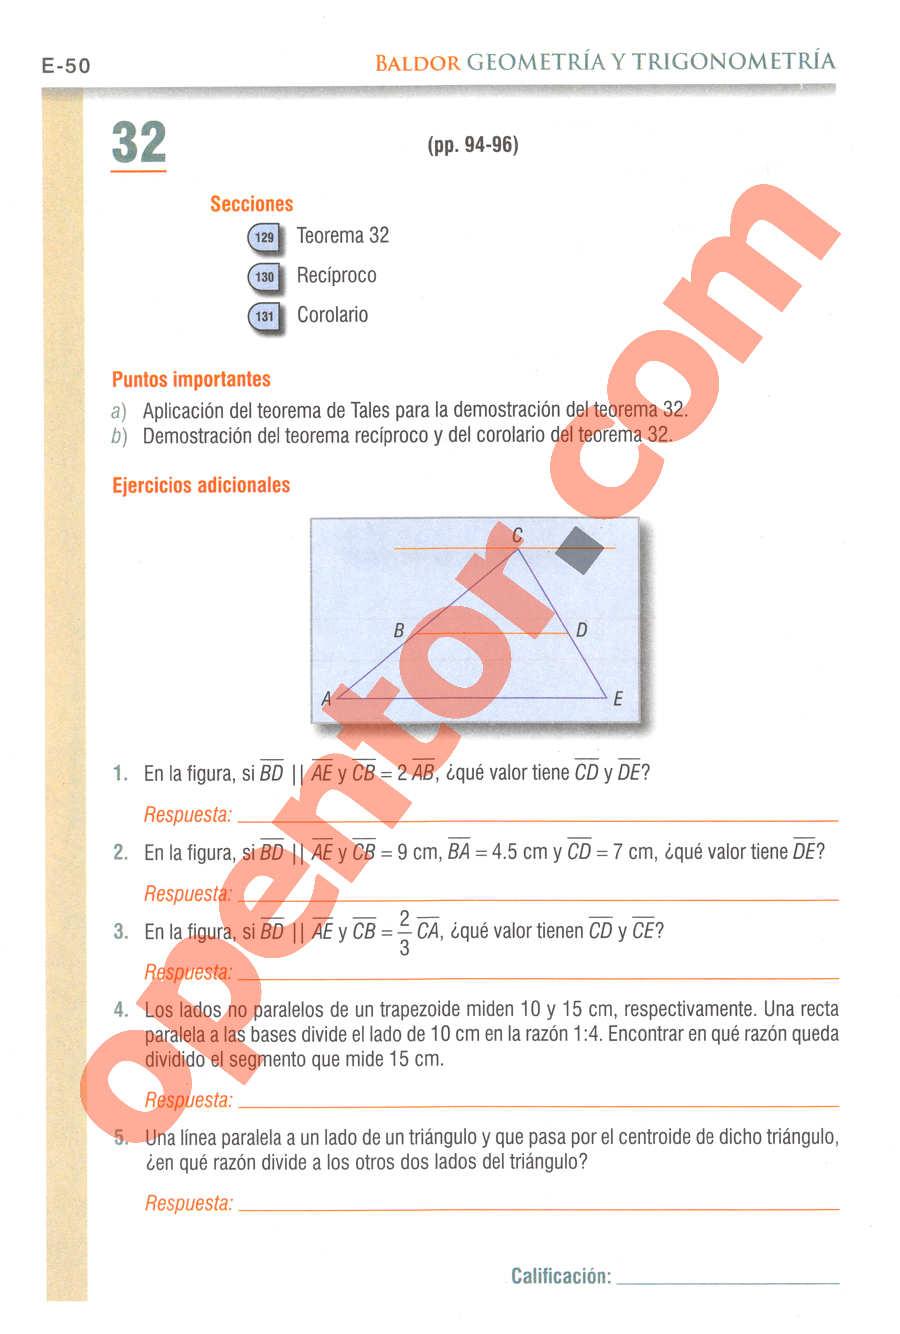 Geometría y Trigonometría de Baldor - Página E50